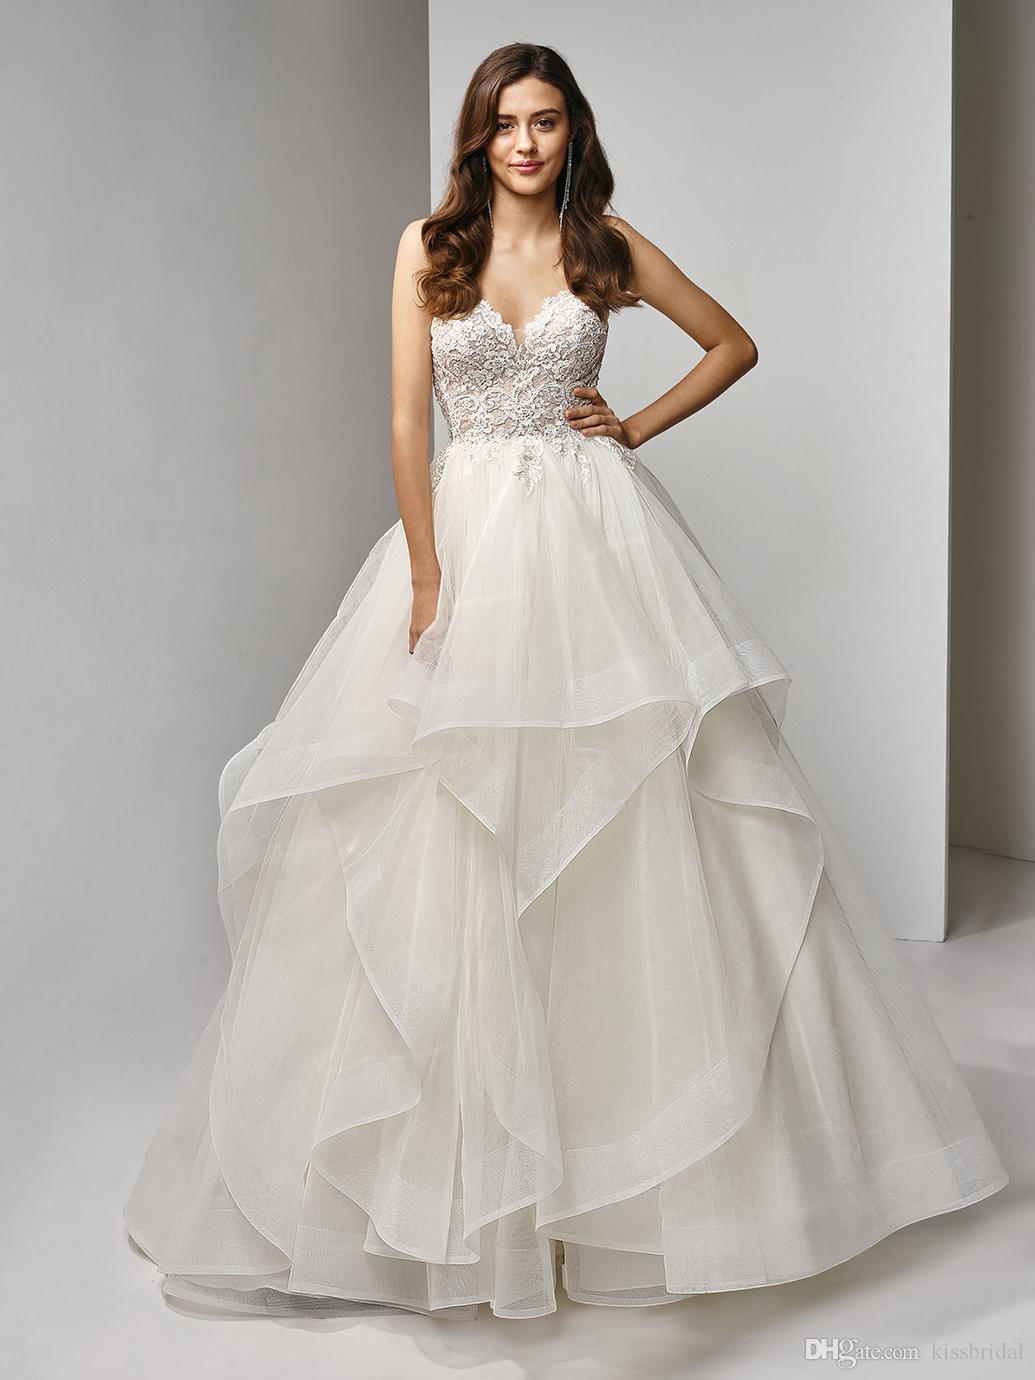 Vestidos de novia sin mangas sin tirantes blancos atractivos 2020 Vestido de Novia Falda en cascada Vestido de novia con blusa de encaje Vestidos de novia con espalda baja